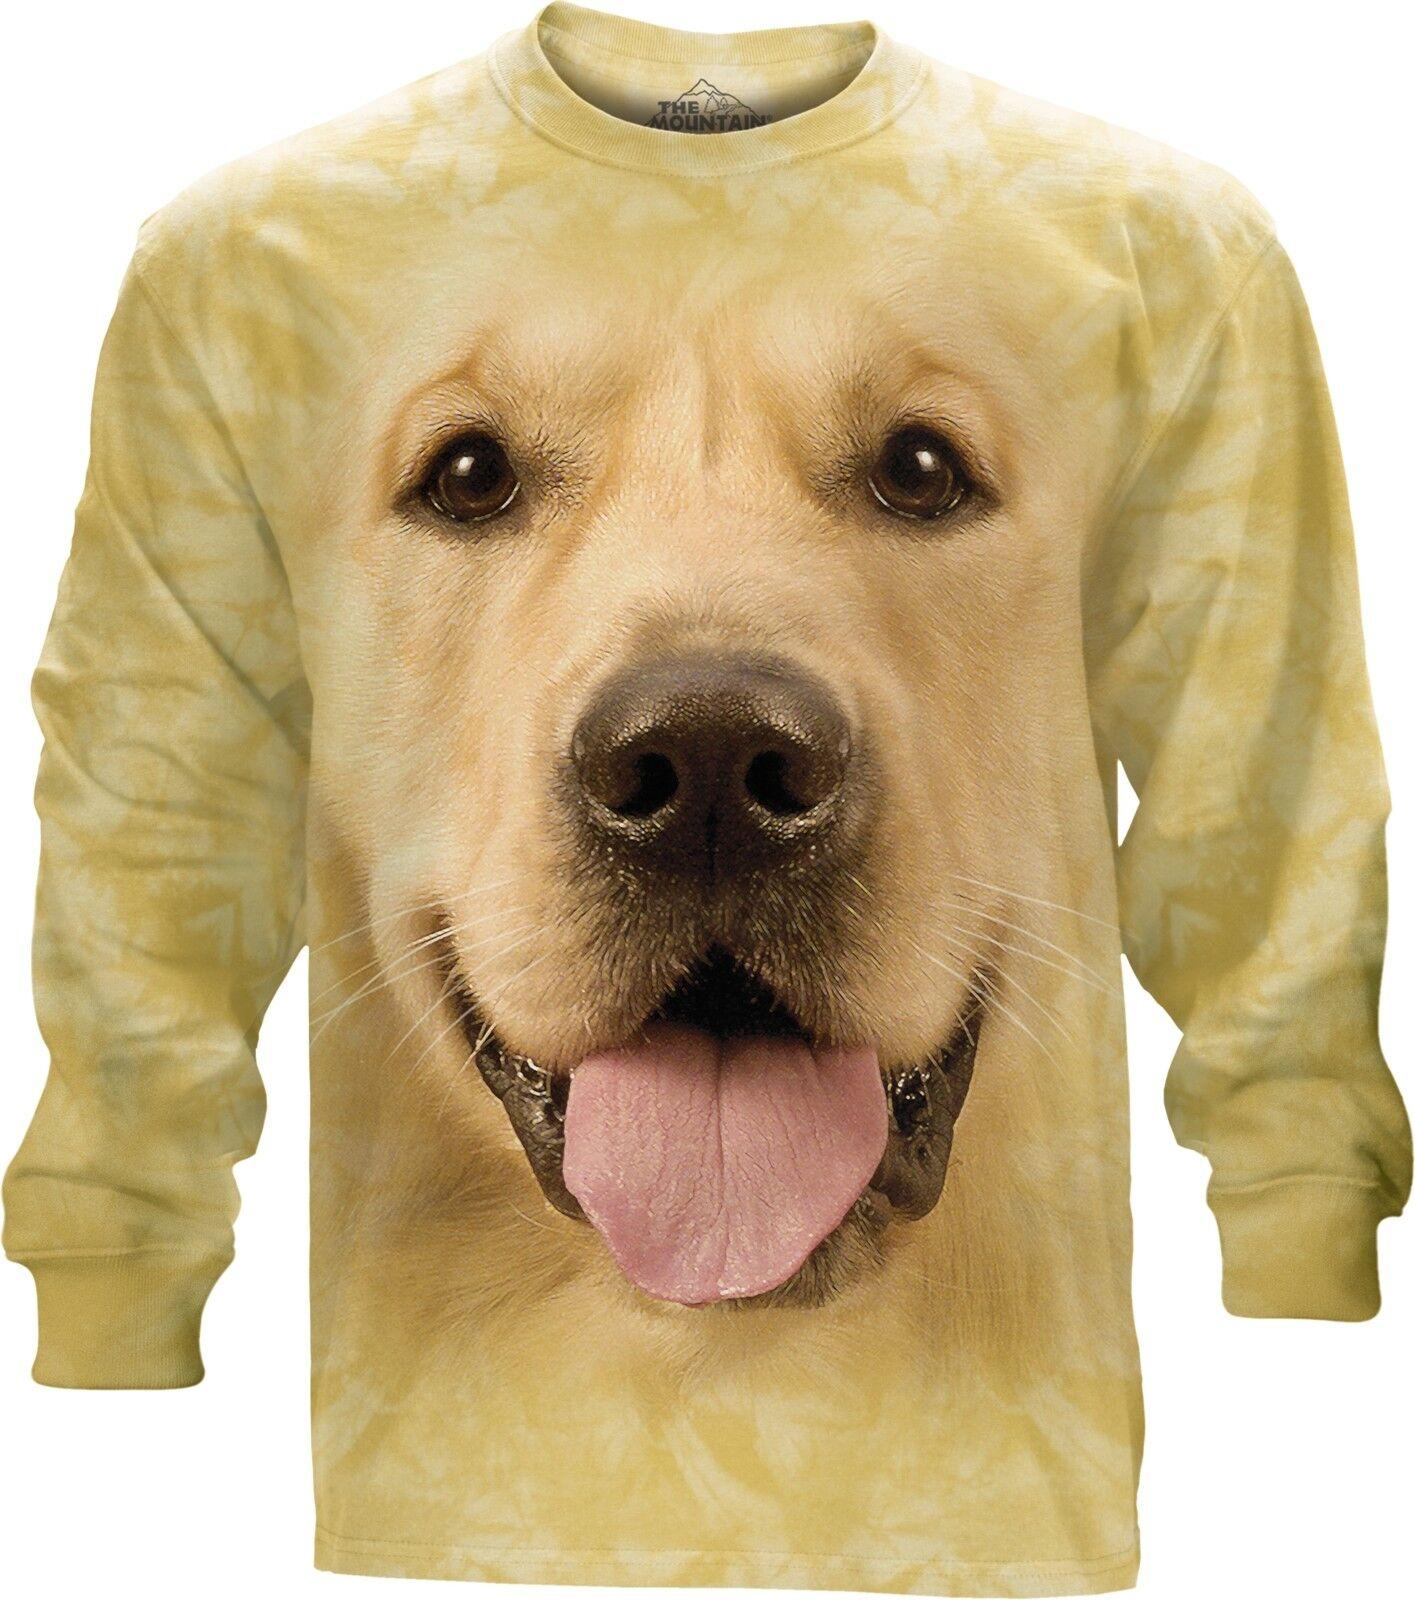 La MONTAGNA adulto grande faccia cane d'oro maniche lunghe T T T Shirt 2f1552